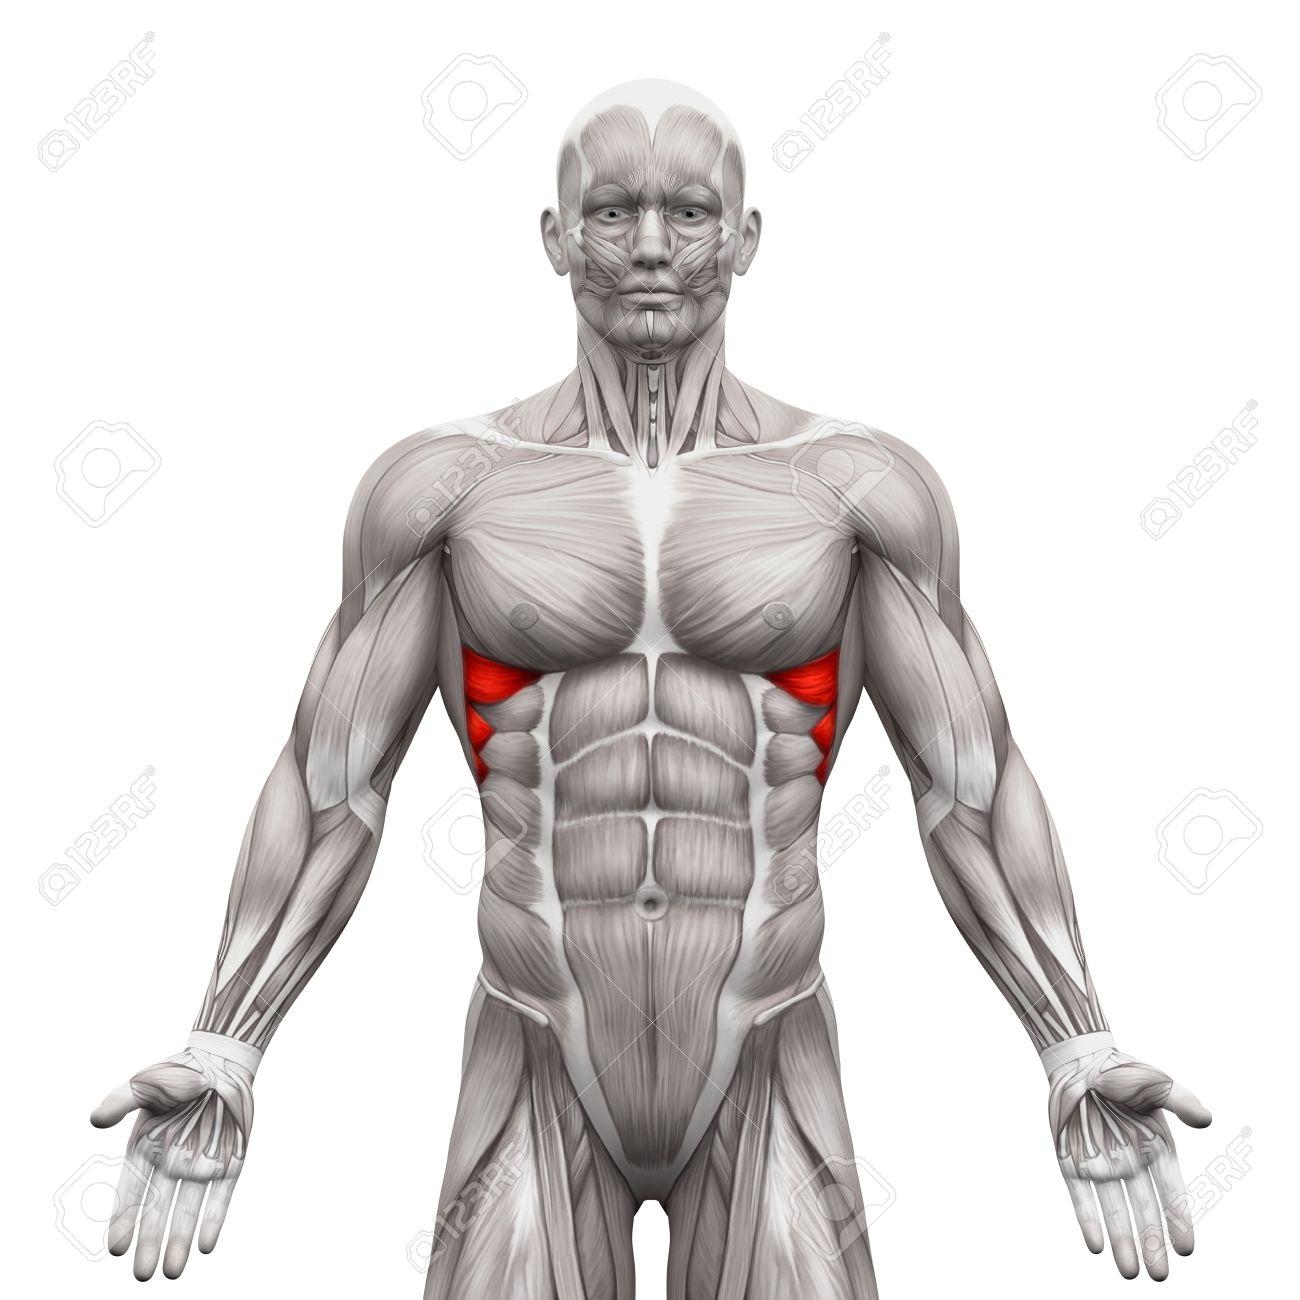 Sägezahnmuskel Anter Muskeln - Anatomie Muskeln Isoliert Auf Weiß ...